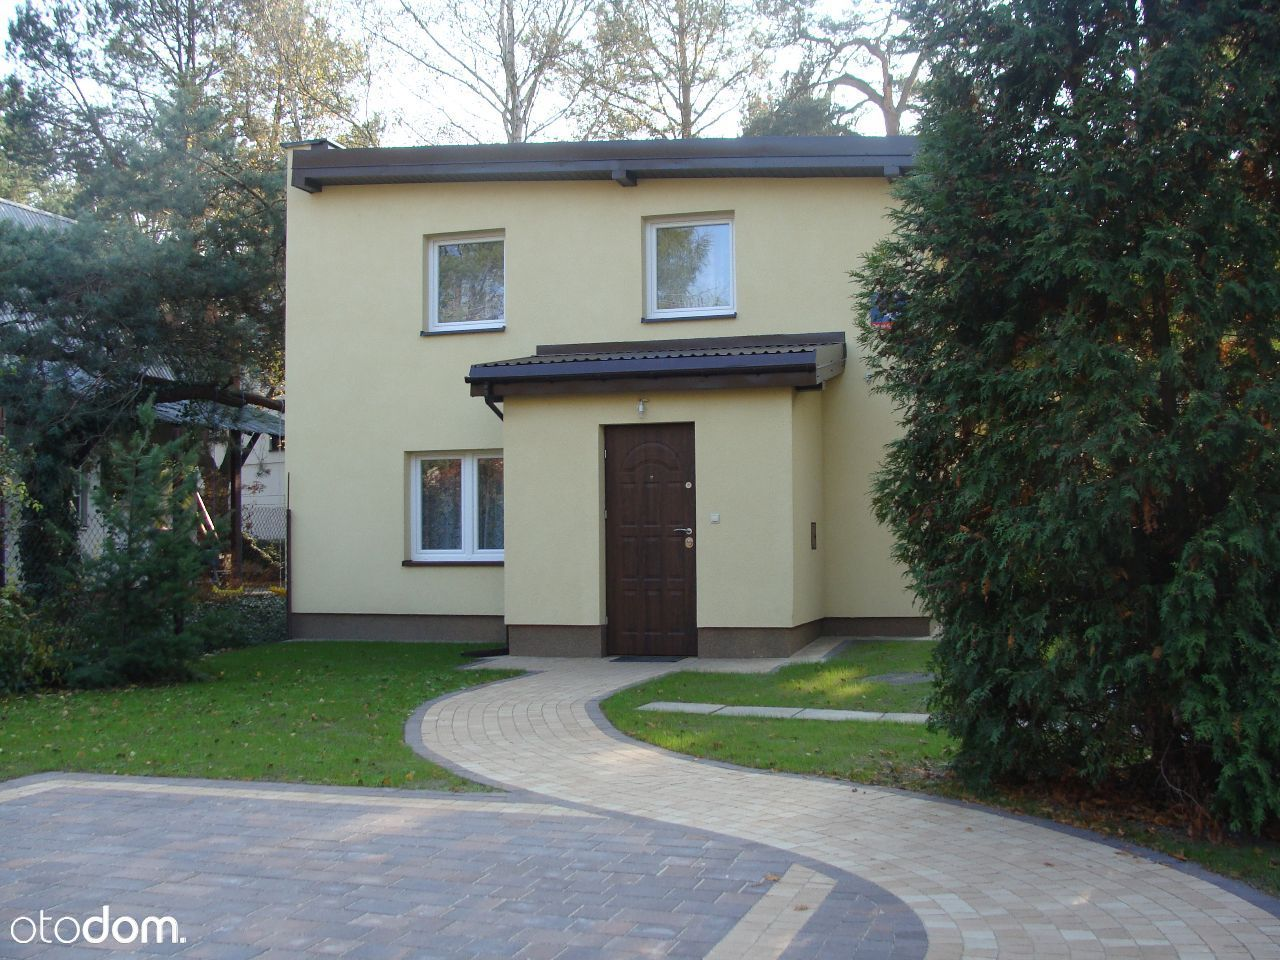 Dom na wynajem, Warszawa, Wesoła - Foto 1